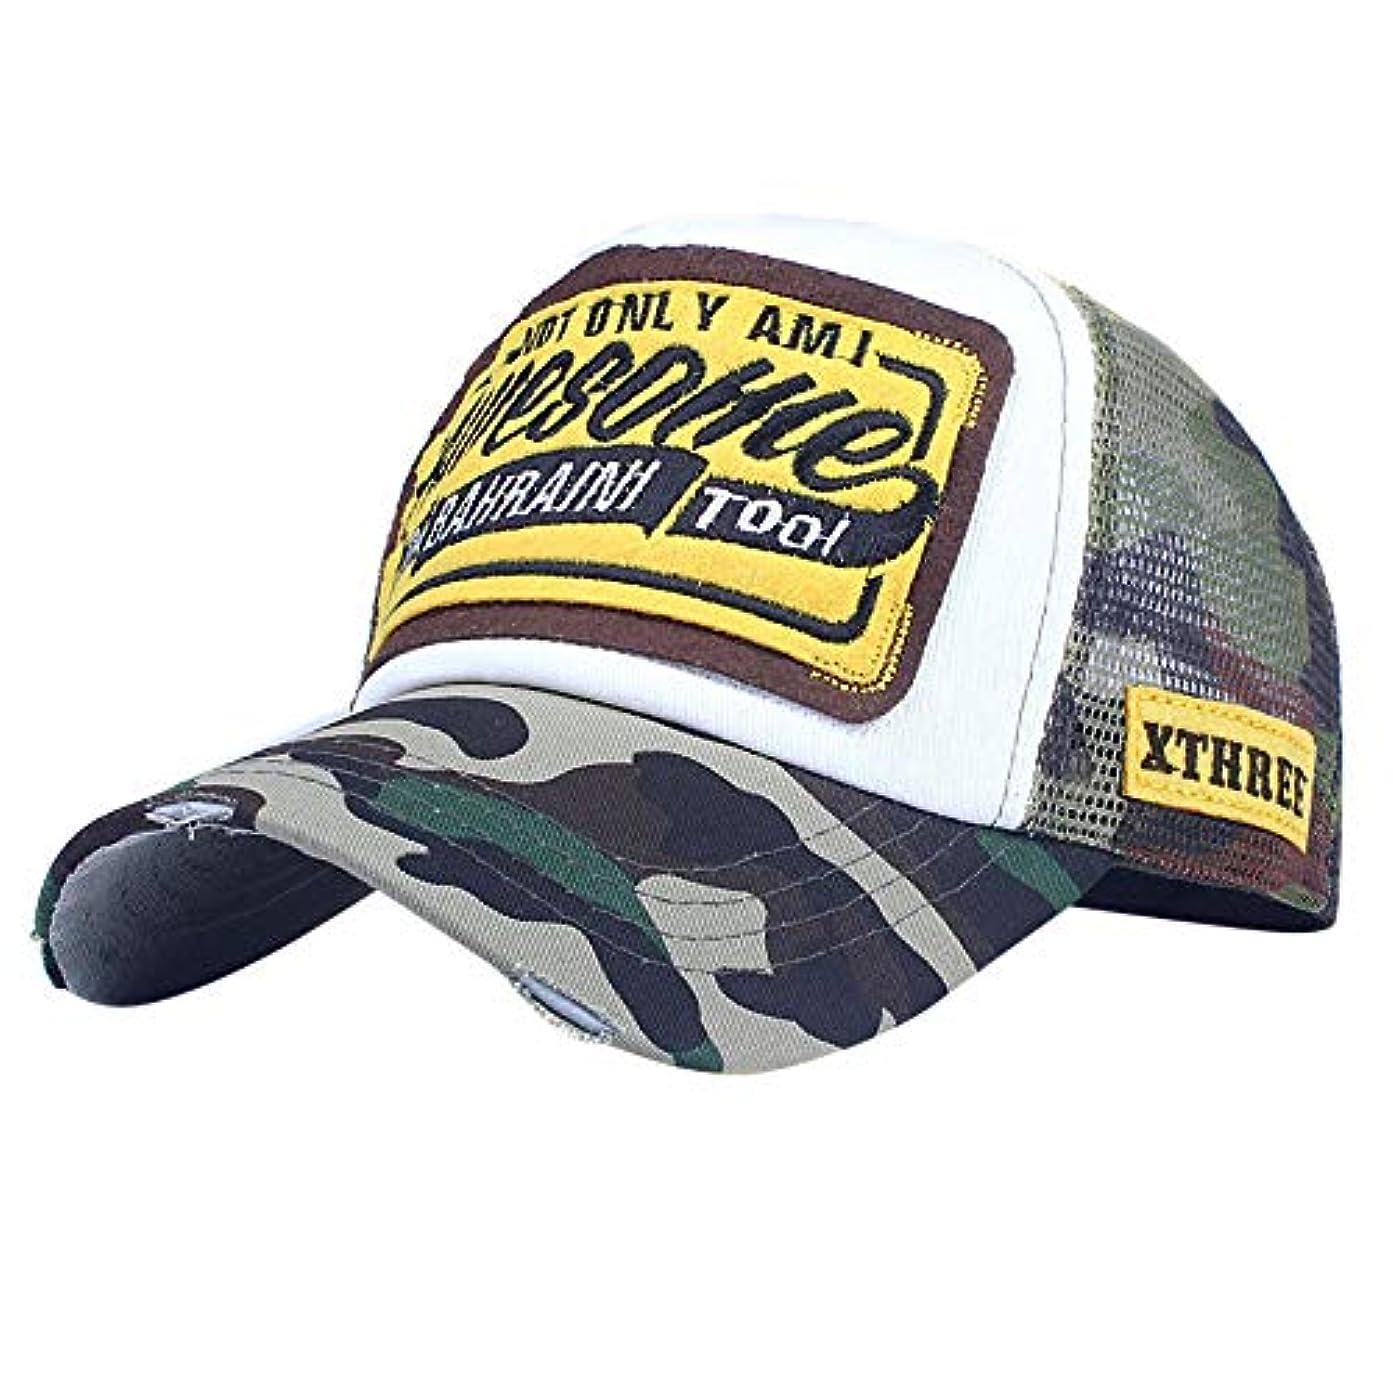 侵入輸送メッセンジャーRacazing カモフラージュ 野球帽 ヒップホップ メンズ 夏 登山 帽子 迷彩 可調整可能 プラスベルベット 棒球帽 UV 帽子 UVカット軽量 屋外 Unisex 鸭舌帽 Hat Cap